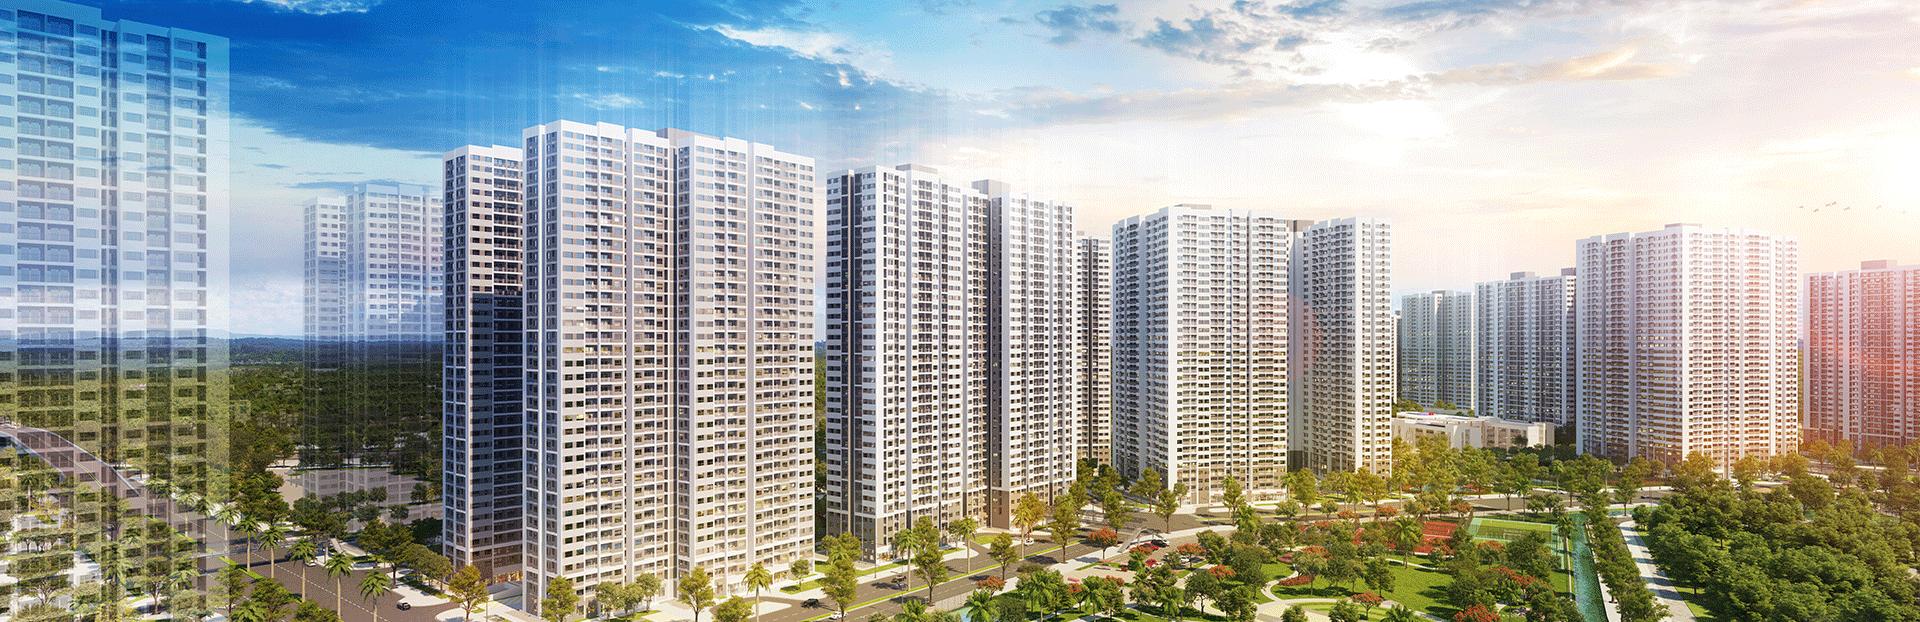 Tổng hợp căn hộ 3 phòng ngủ chuyển nhượng giá đẹp ở Vinhomes Smart City tháng 2/2021